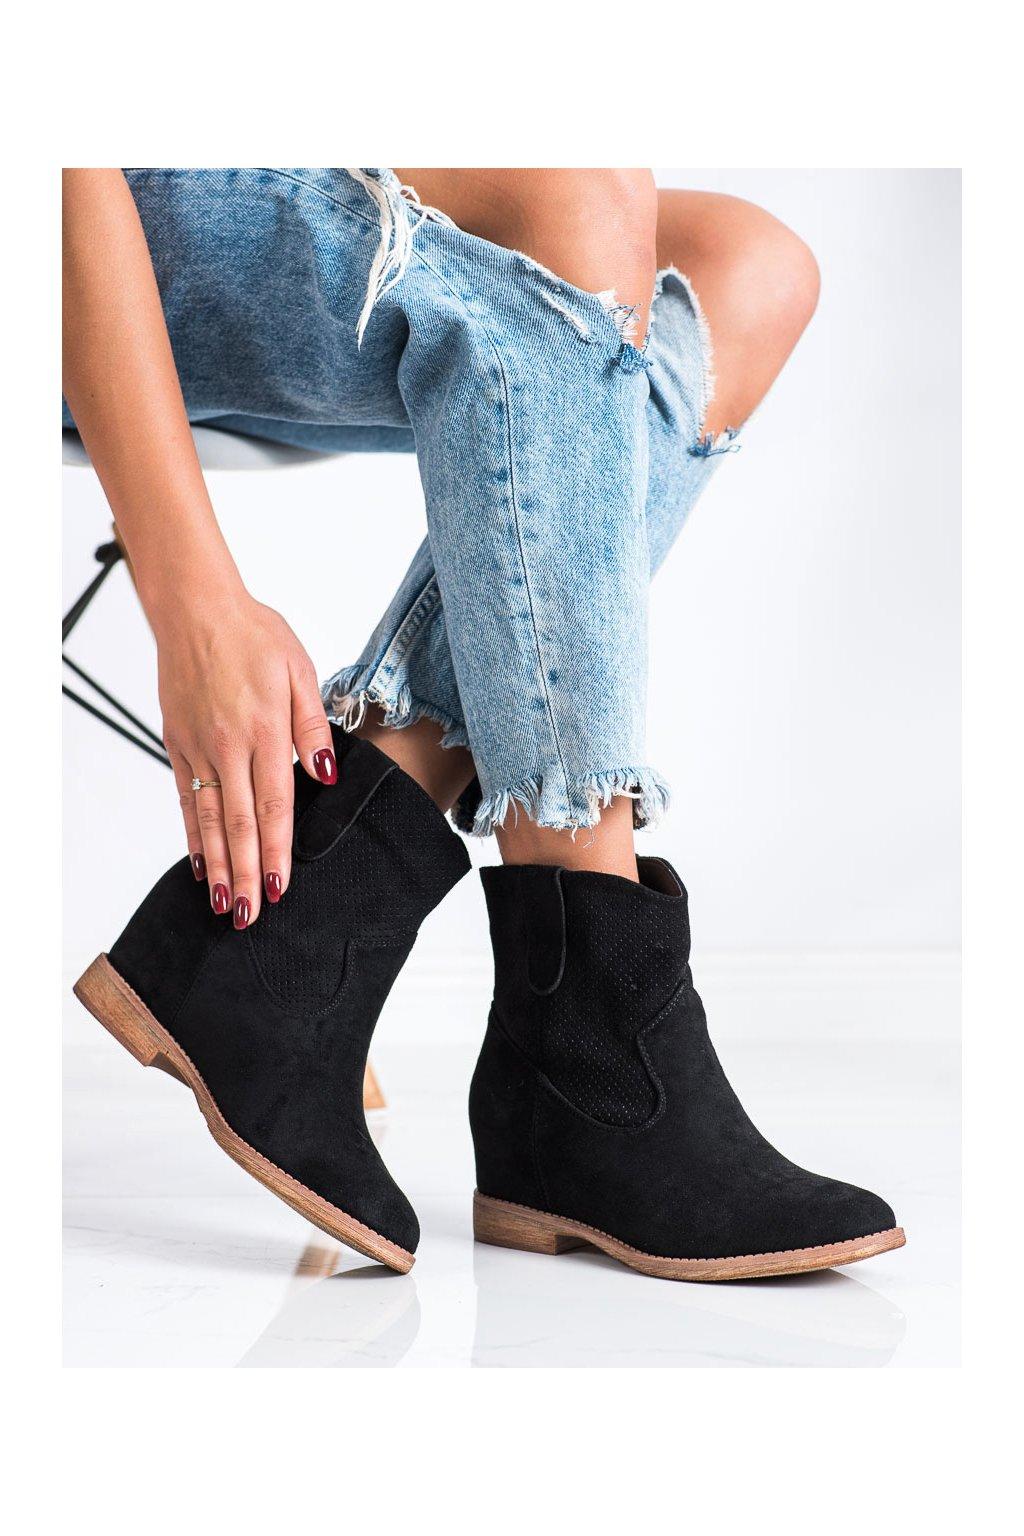 Čierne dámske topánky Shelovet kod RQ537B